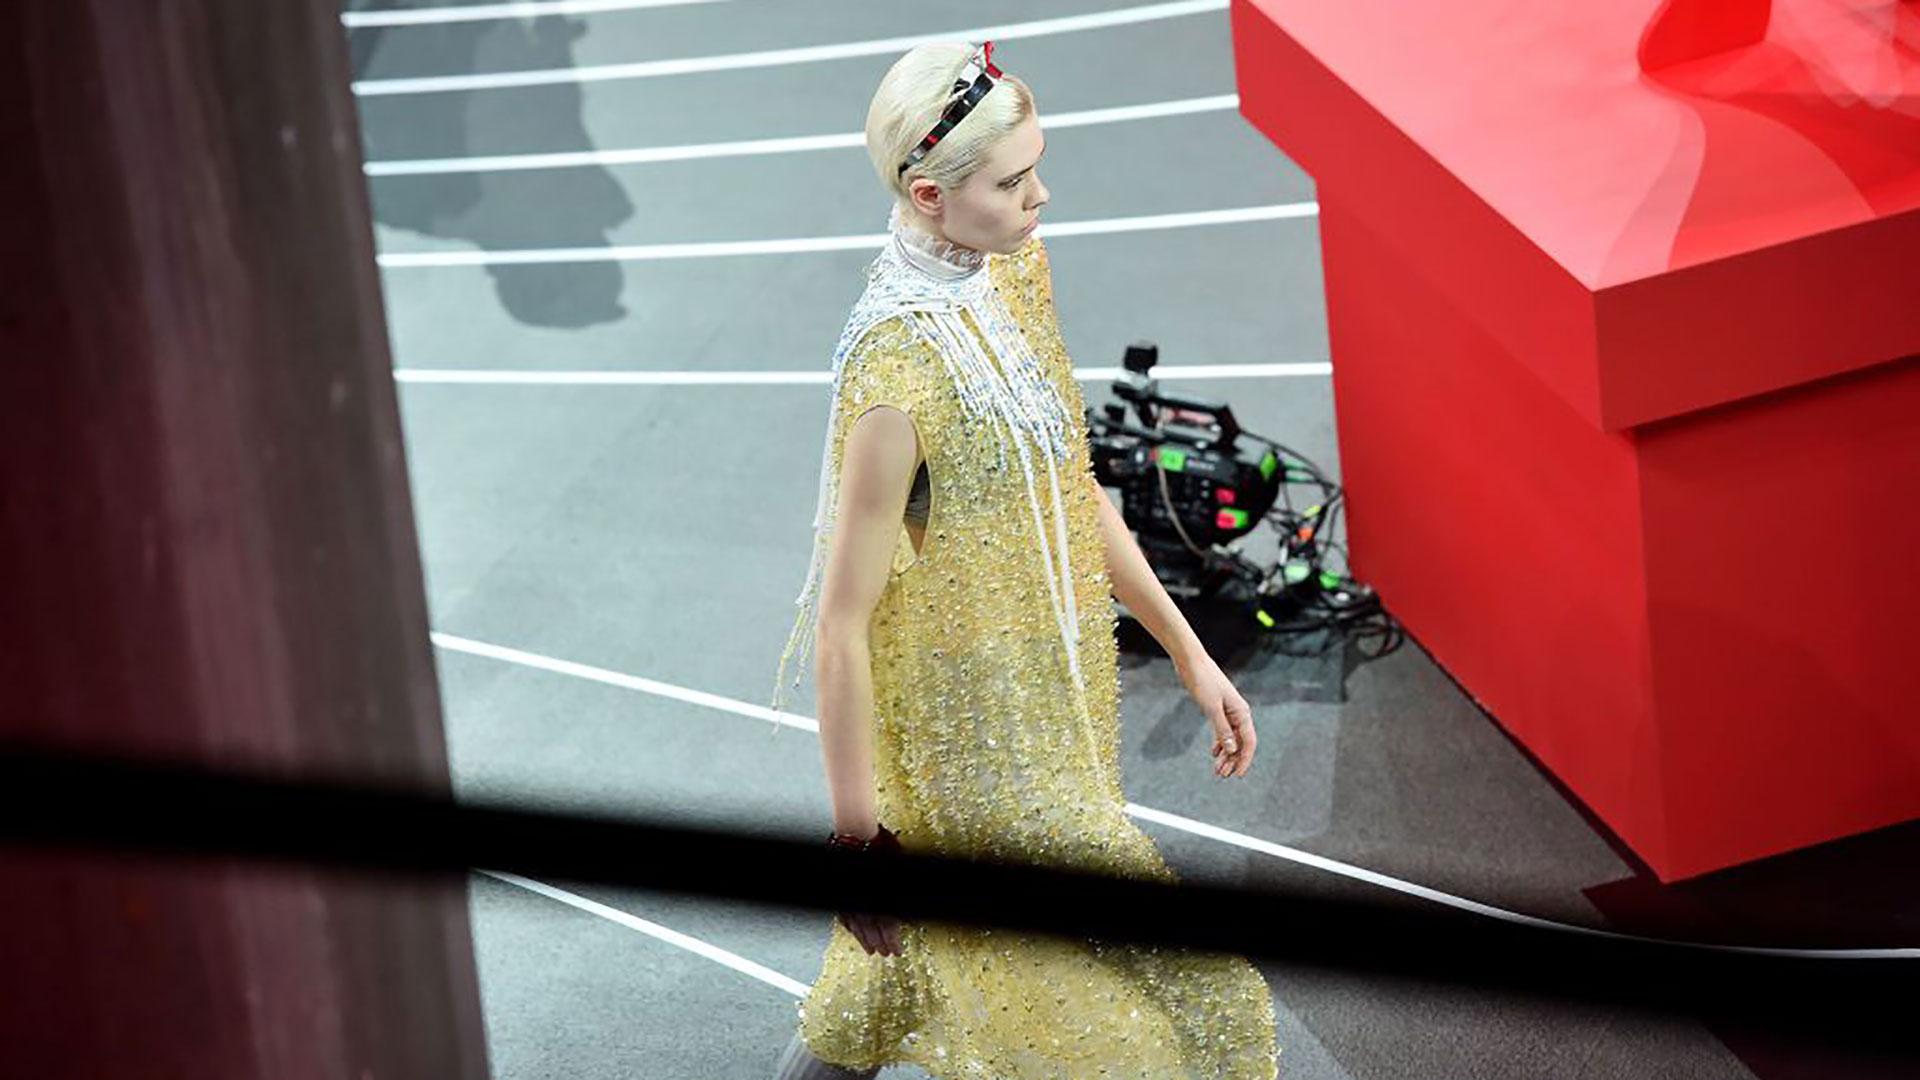 Milano Fashion Week 2021, tra digitale e riscoperta dell'artigianato